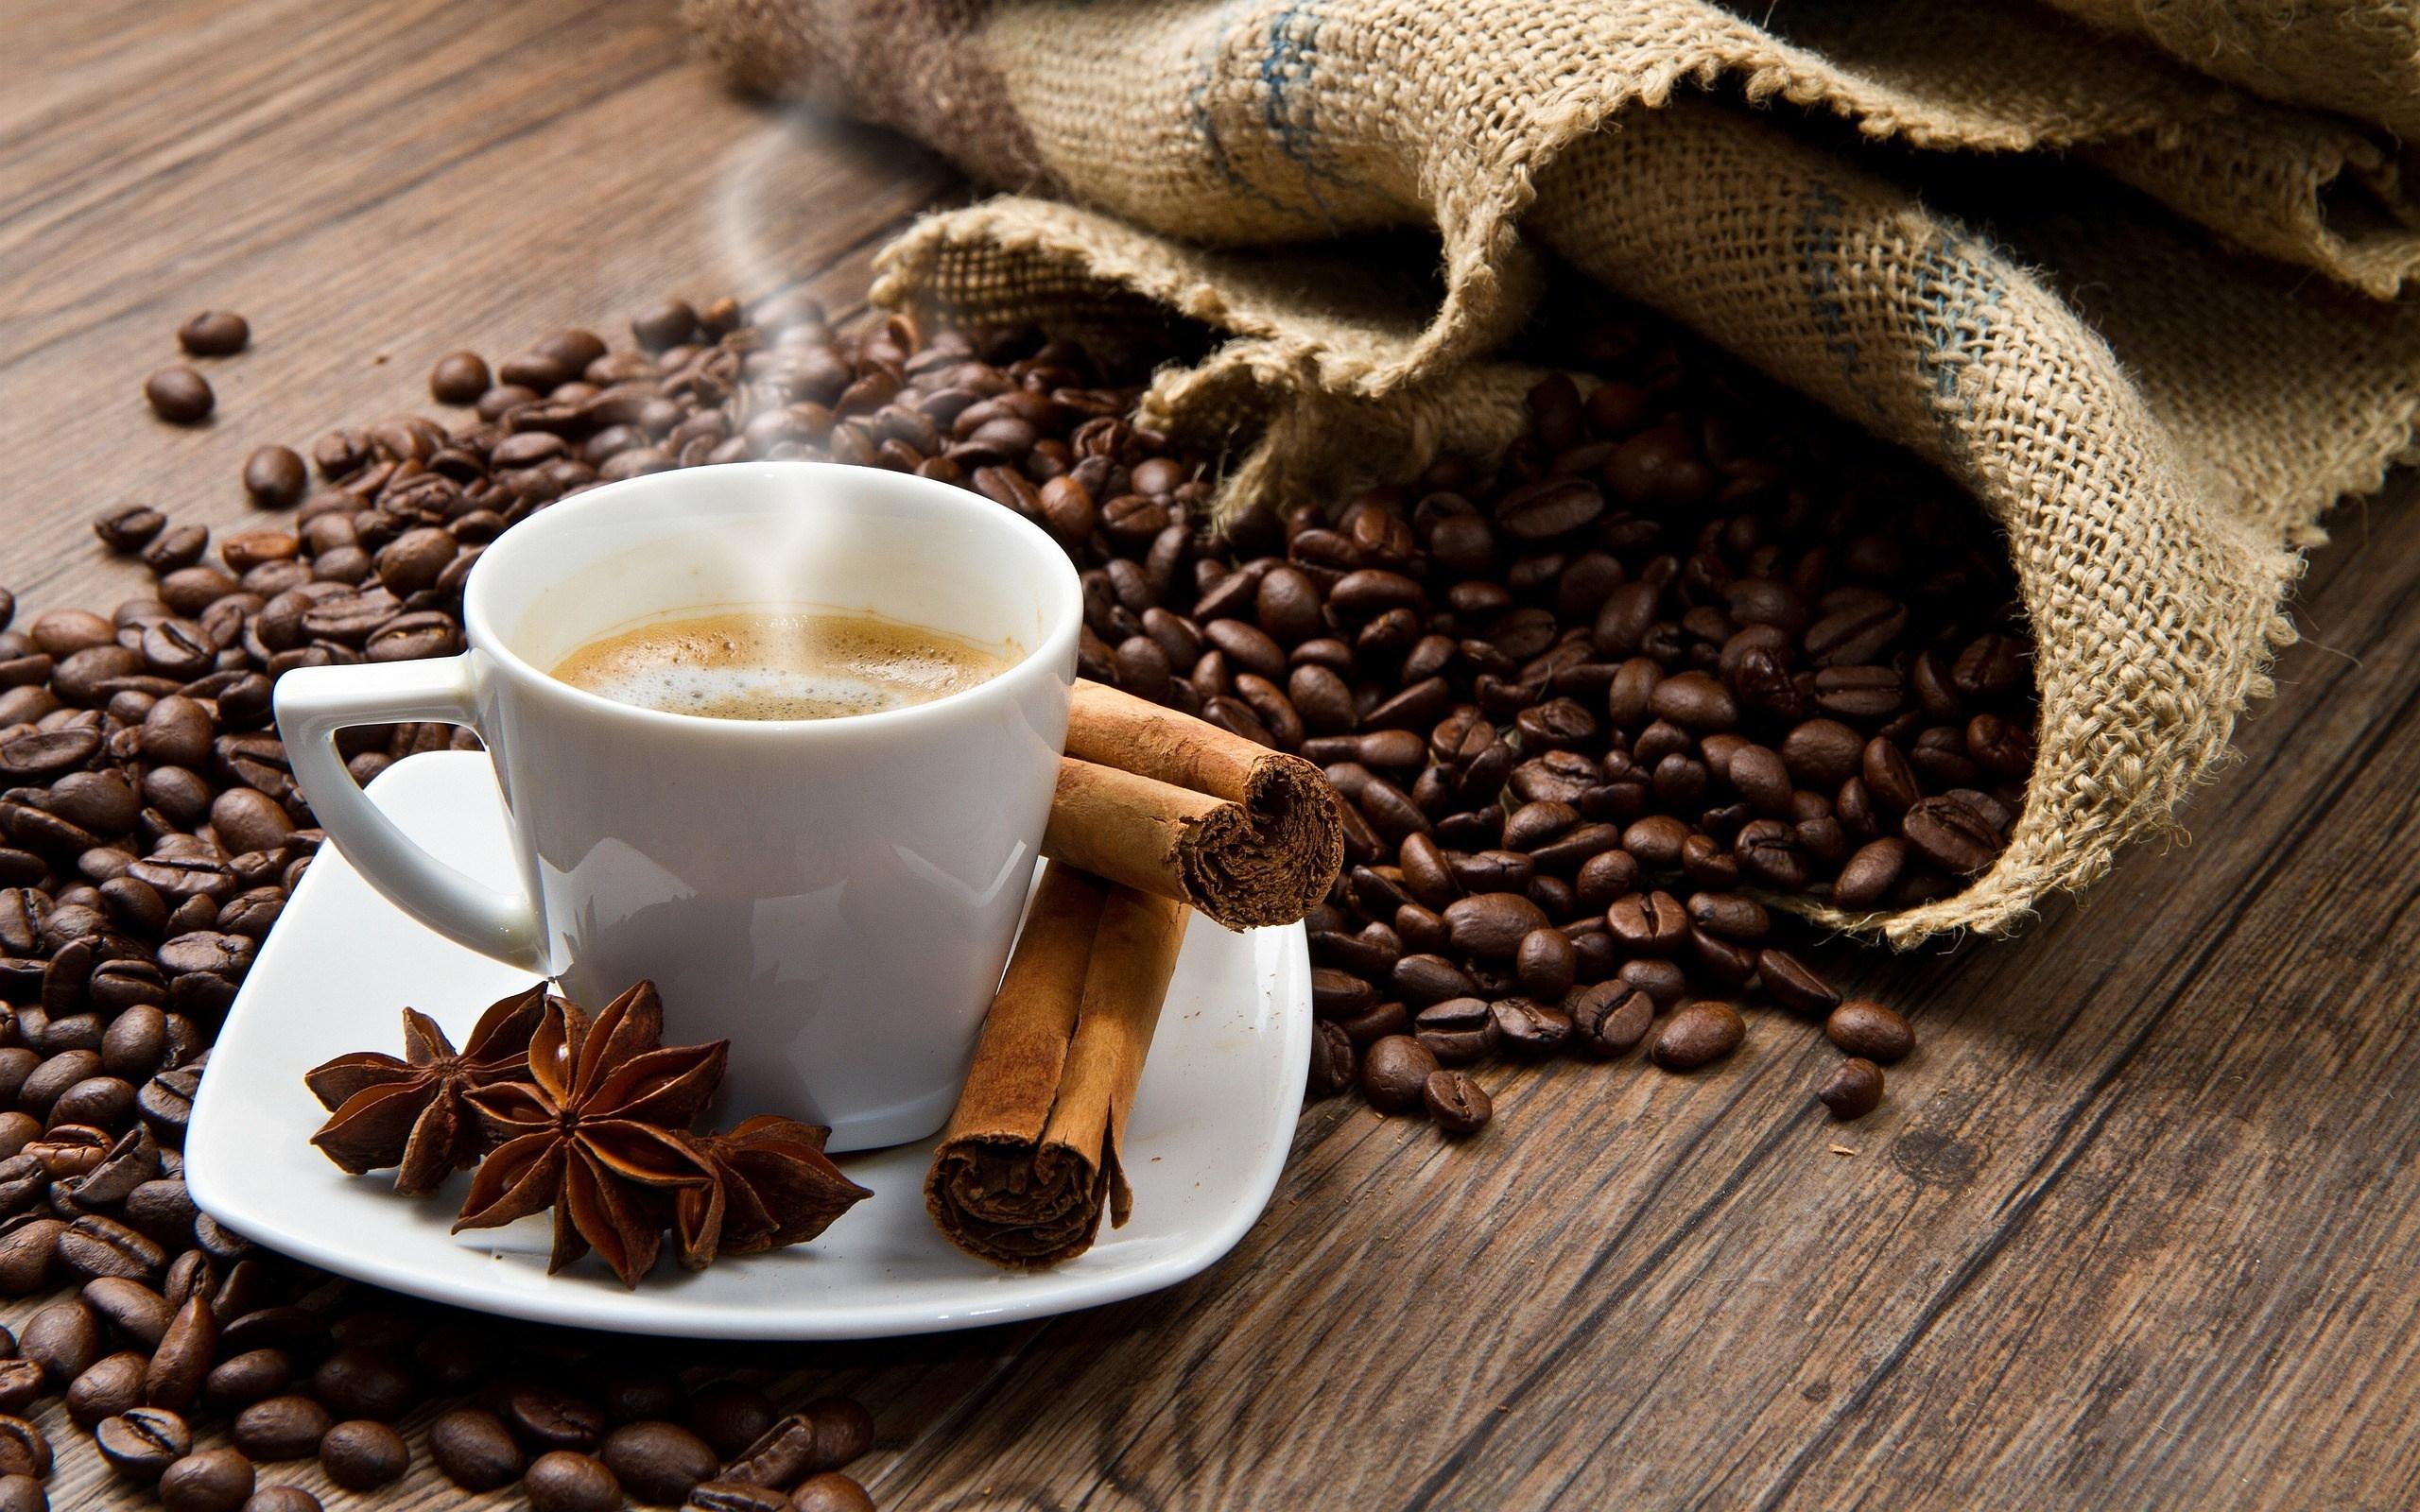 Coffee break per congressi a Firenze con qualità di caffè eccellenti